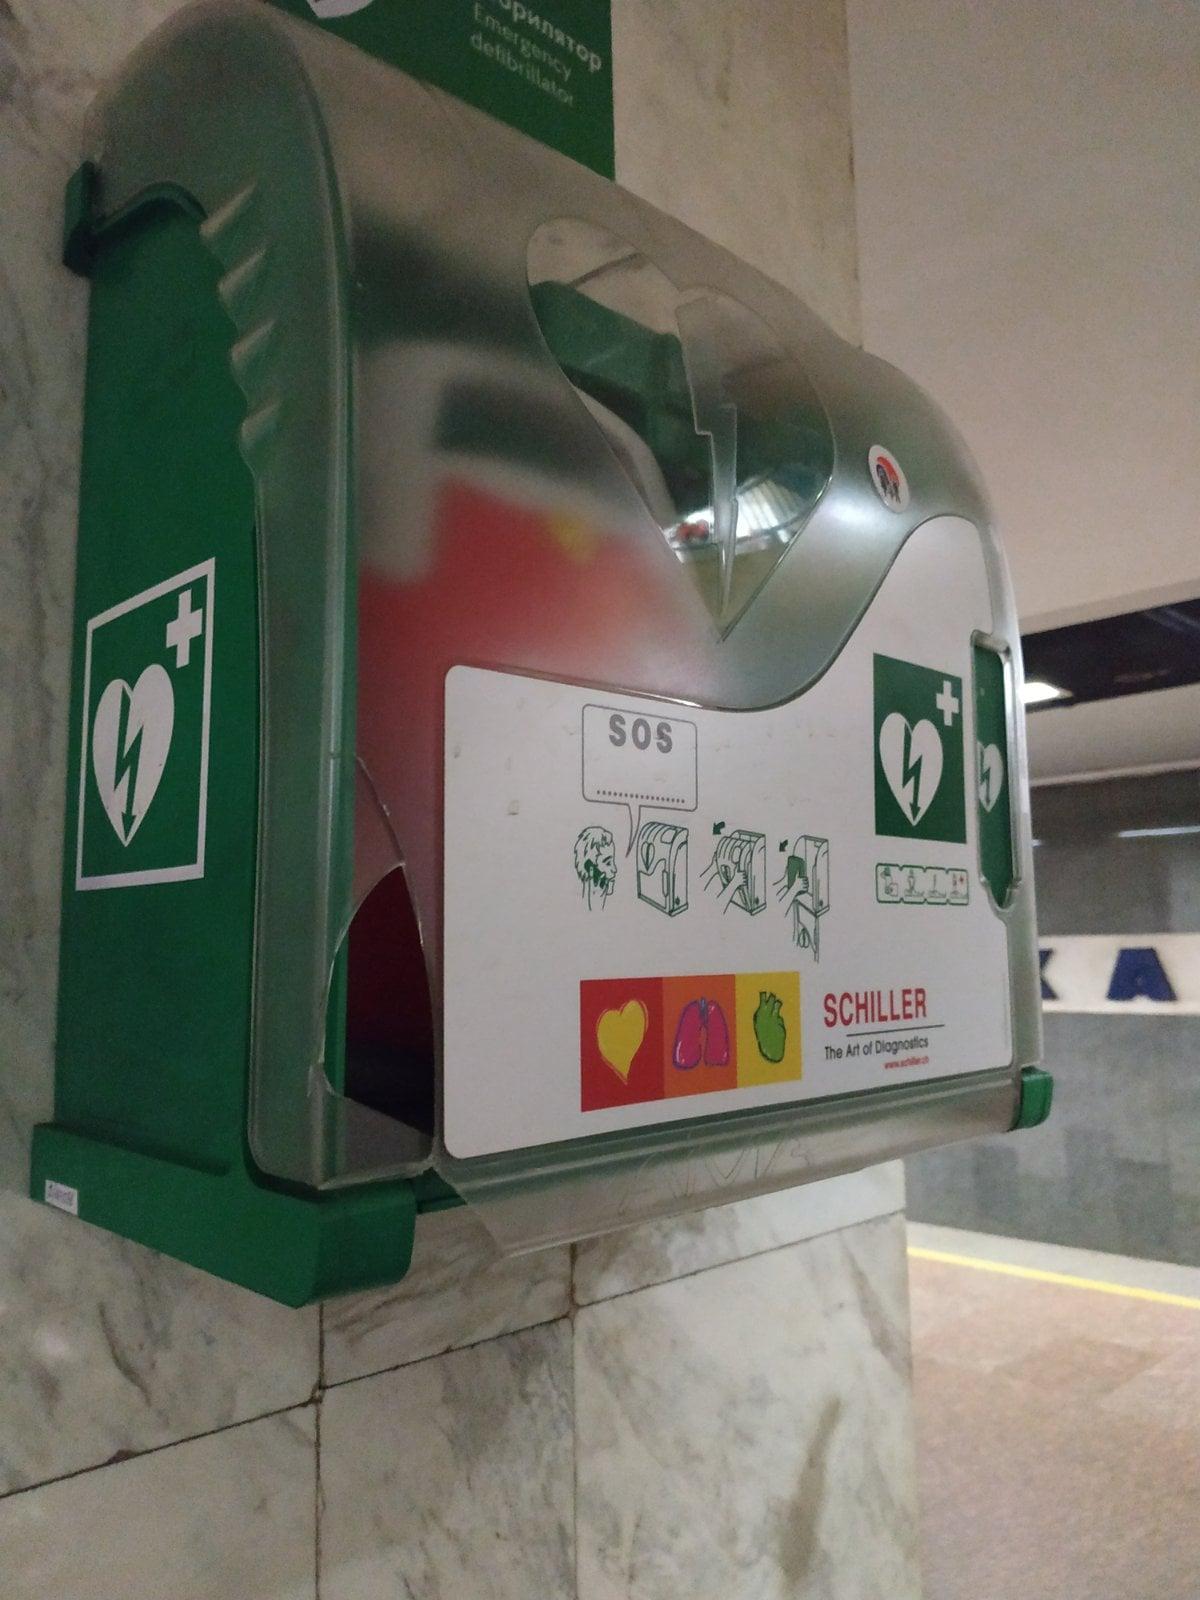 В метро Киева вандалы растрощили аппараты, которые могут спасти пассажирам жизнь (фото)